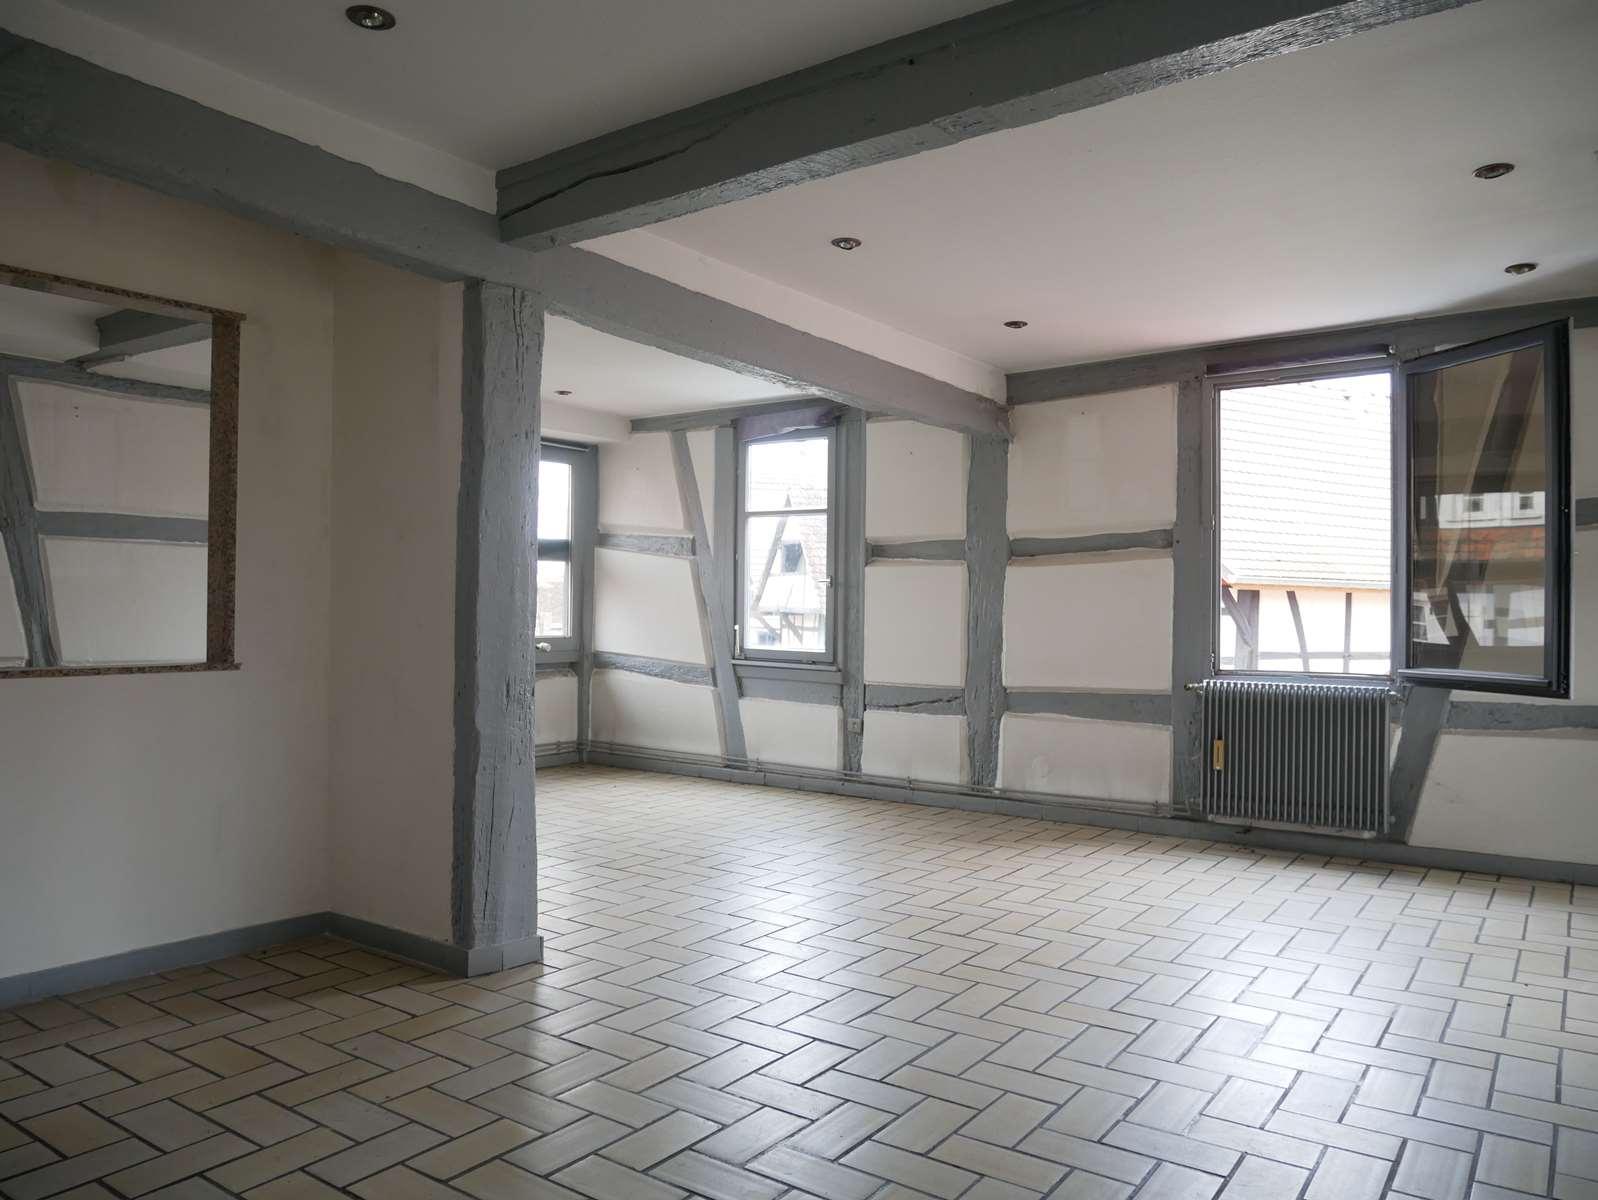 Très beaux murs commerciaux - Brumath centre / place de la Liberté - nos ventes - Beausite Immobilier 9